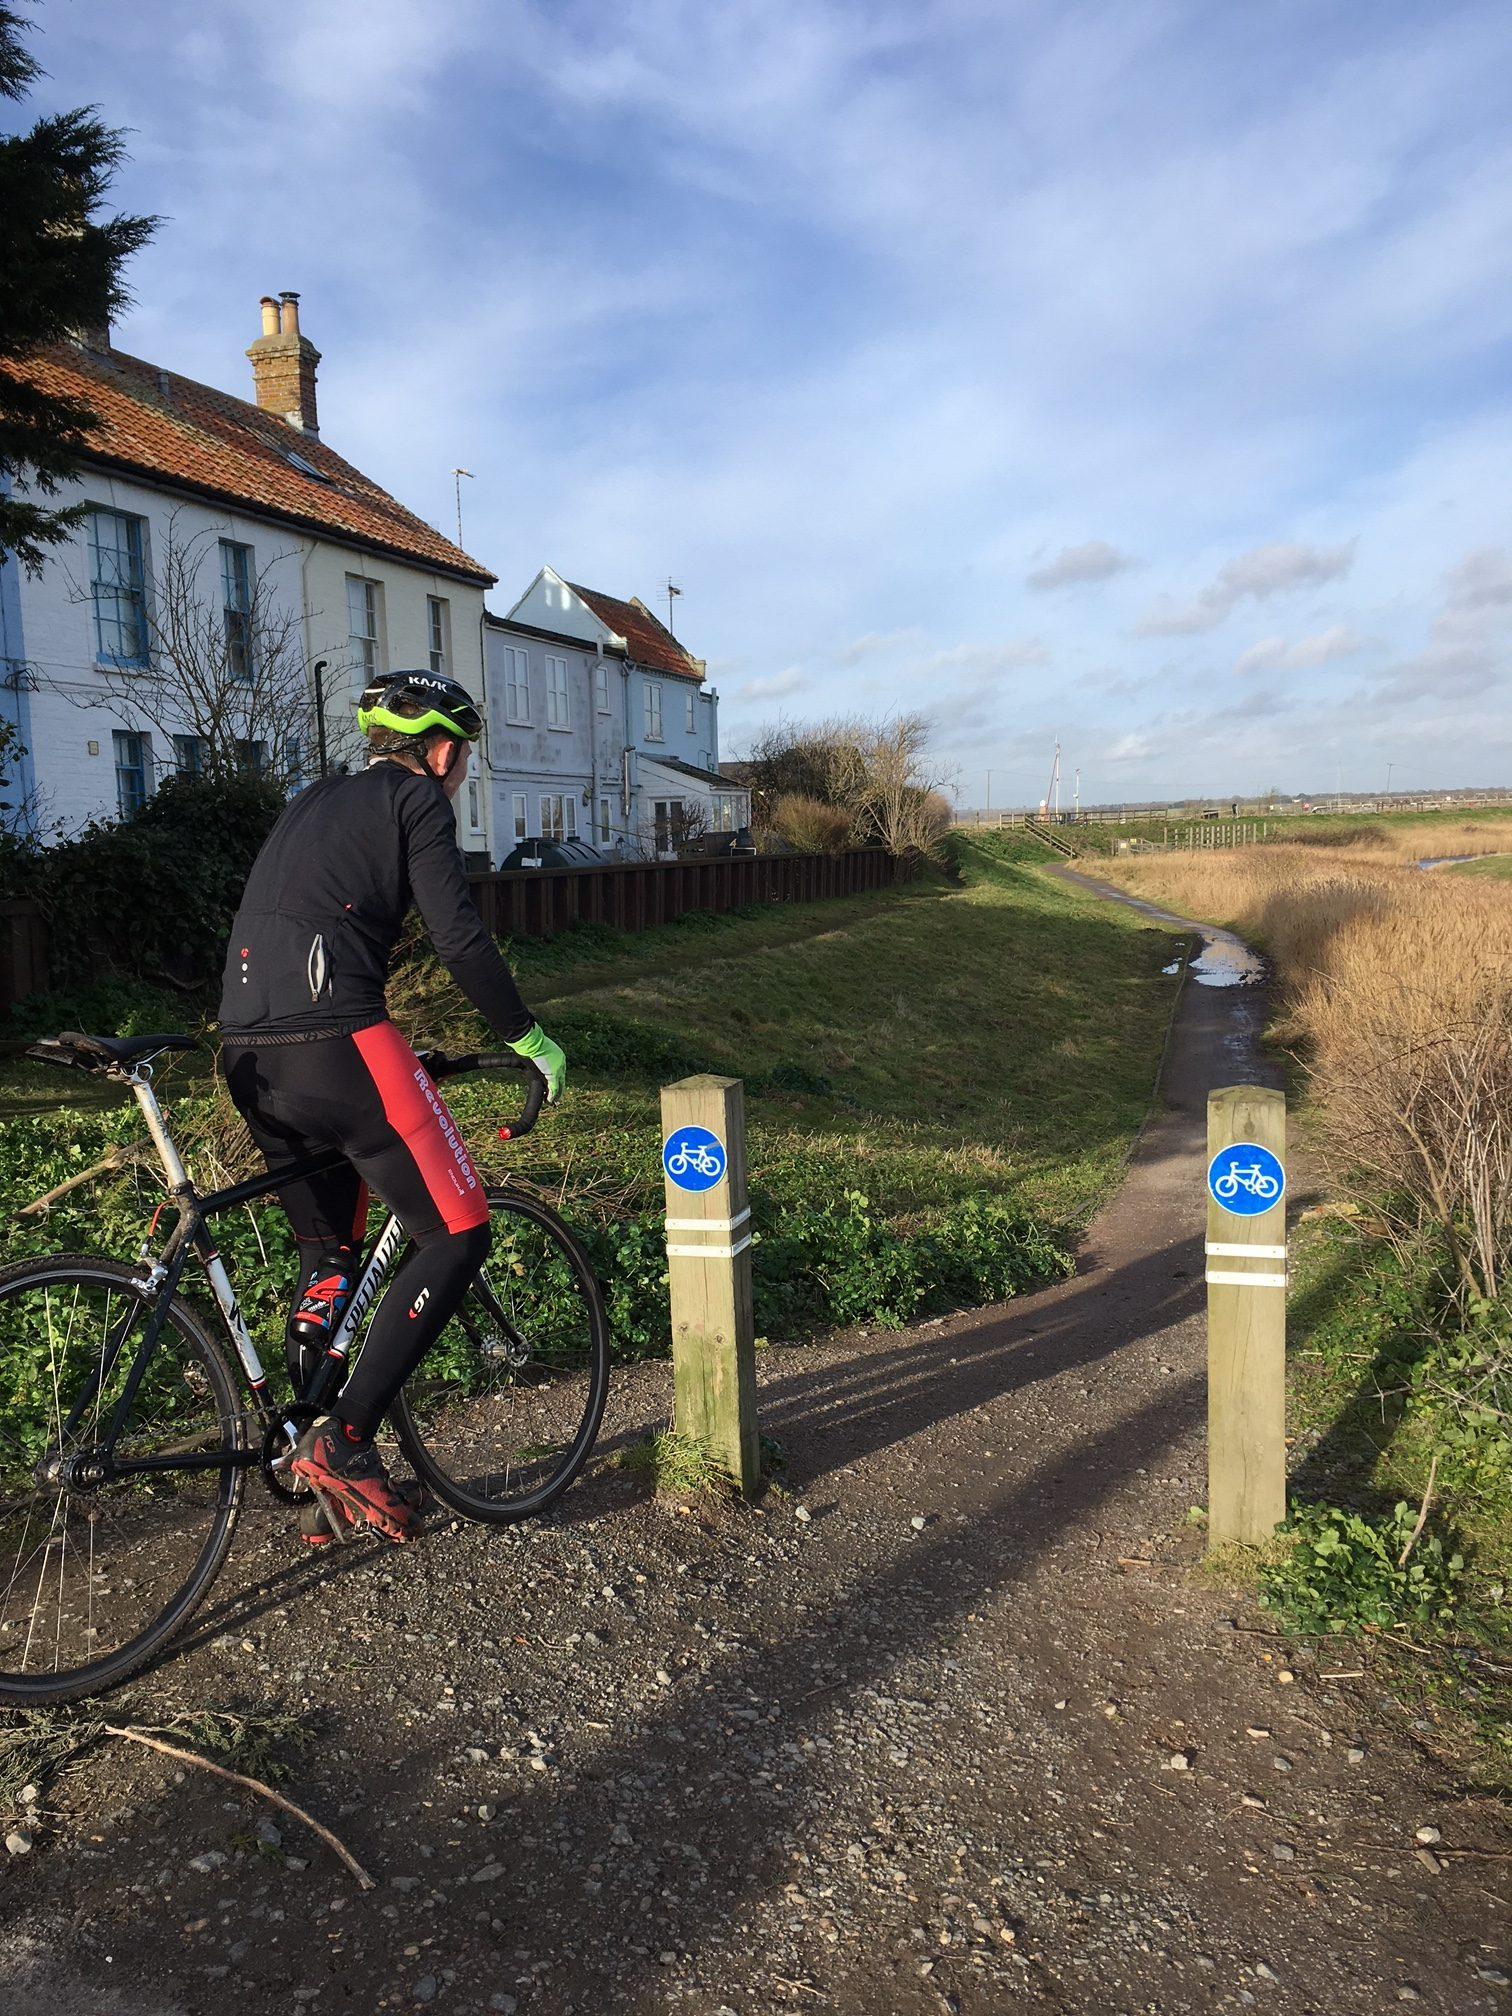 The Southwold Roubaix Les Secteurs Pedal Revolution